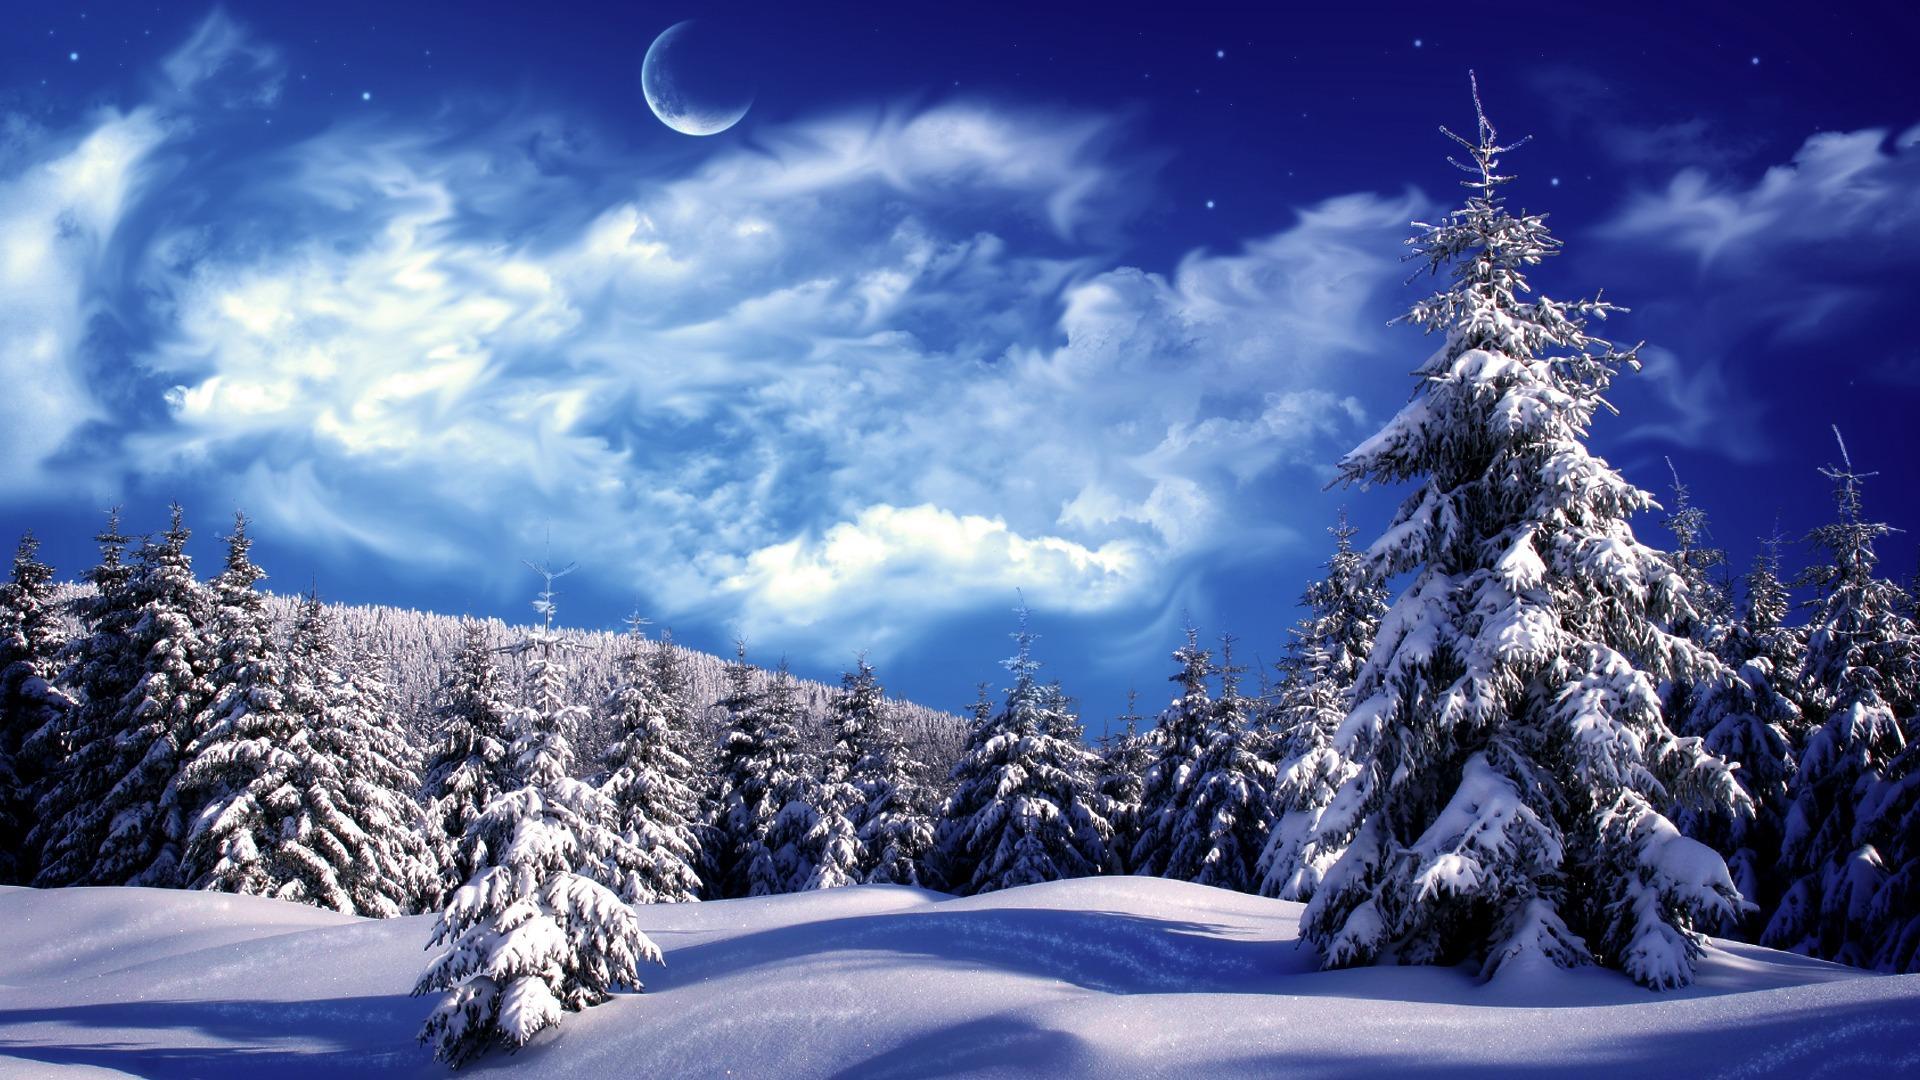 Картинки про новый год и зиму - самые удивительные и красивые 7